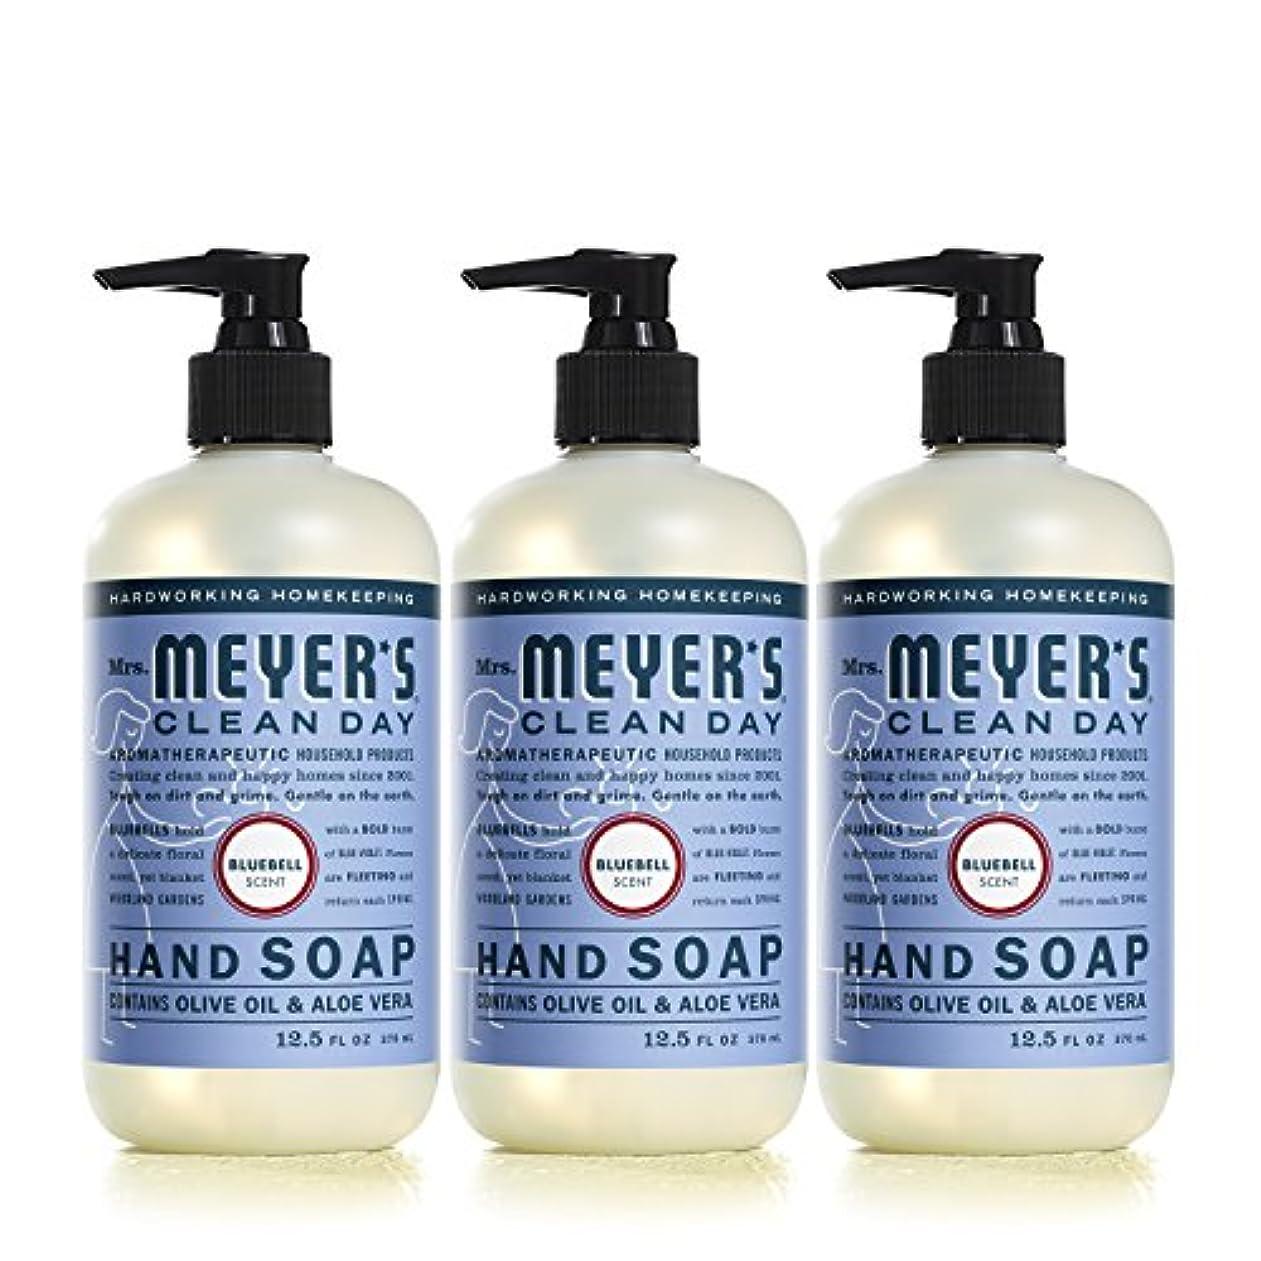 モスク労働プットMrs。Meyer 's Clean Day Hand Soap、?ブルーベル、12.5 FL OZ